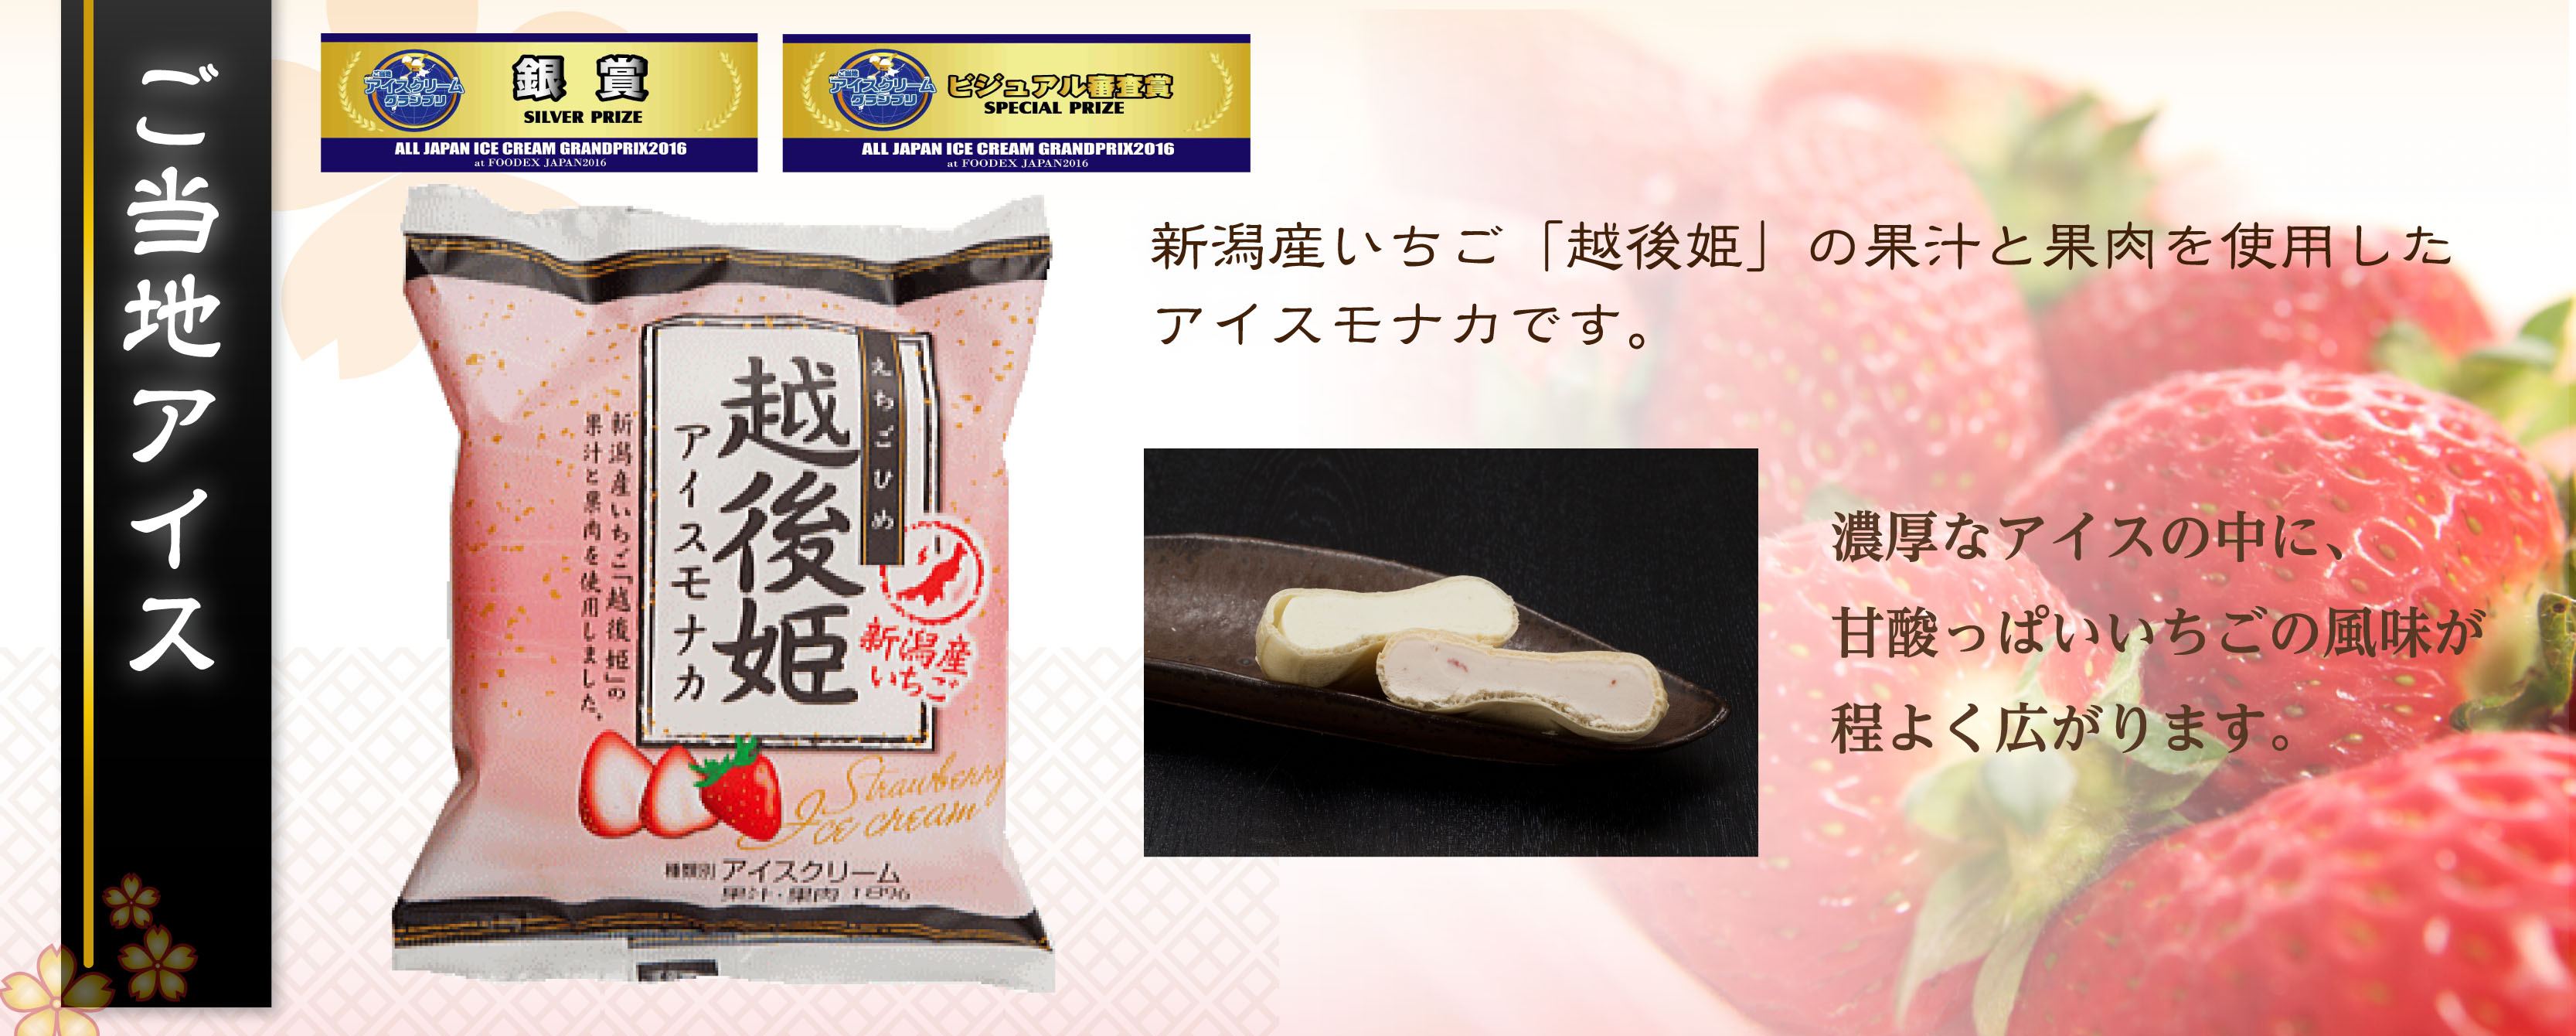 越後姫アイスモナカ   第一食品株式会社 アイスクリーム製造